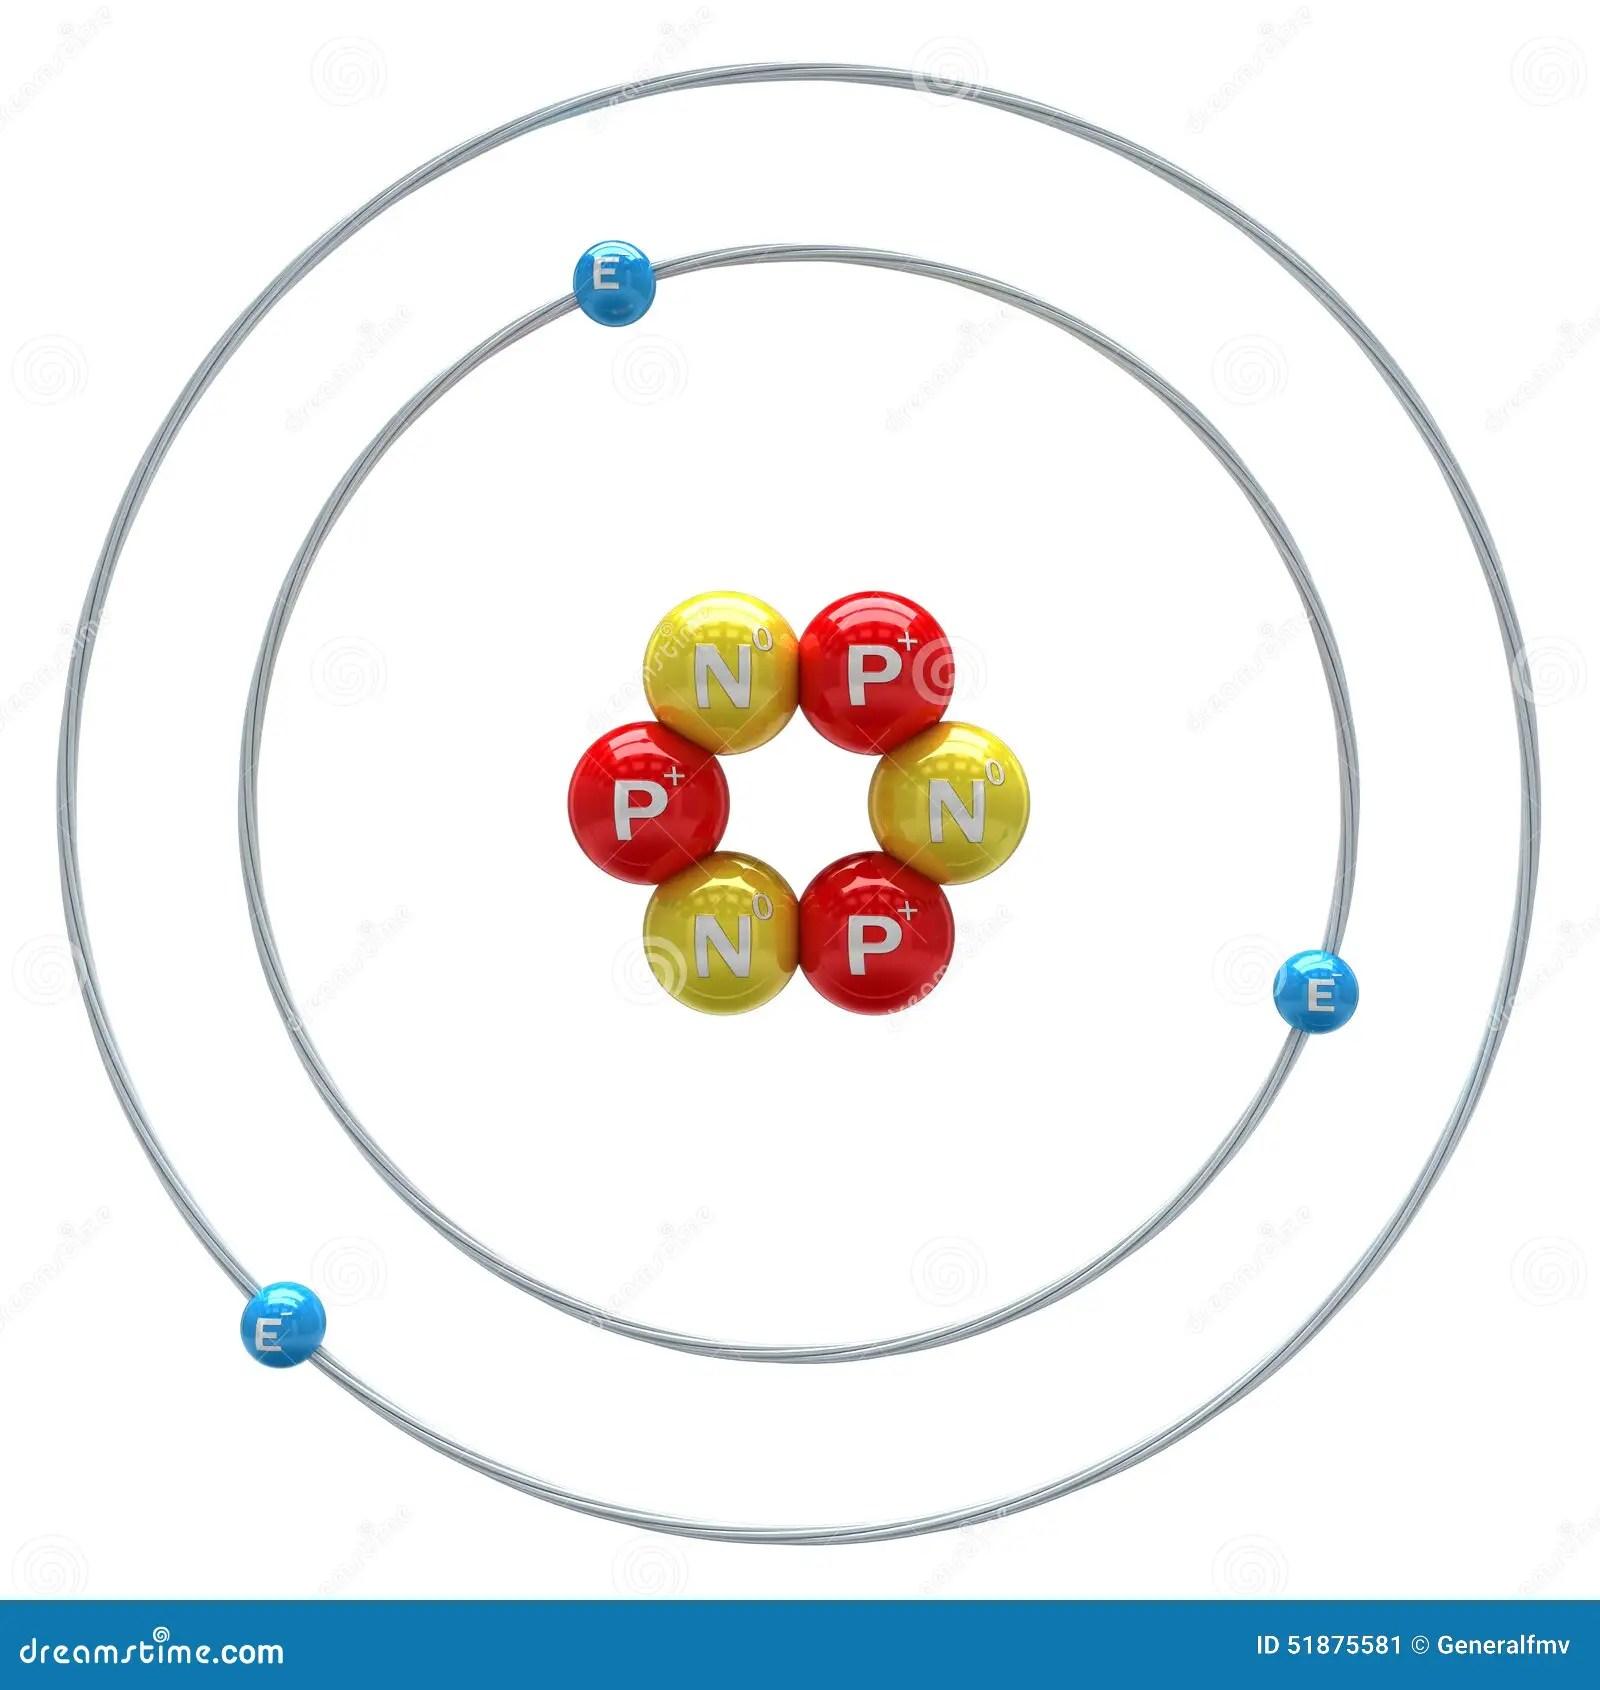 bohr diagram for lithium ford starter solenoid wiring atom on white background stock illustration